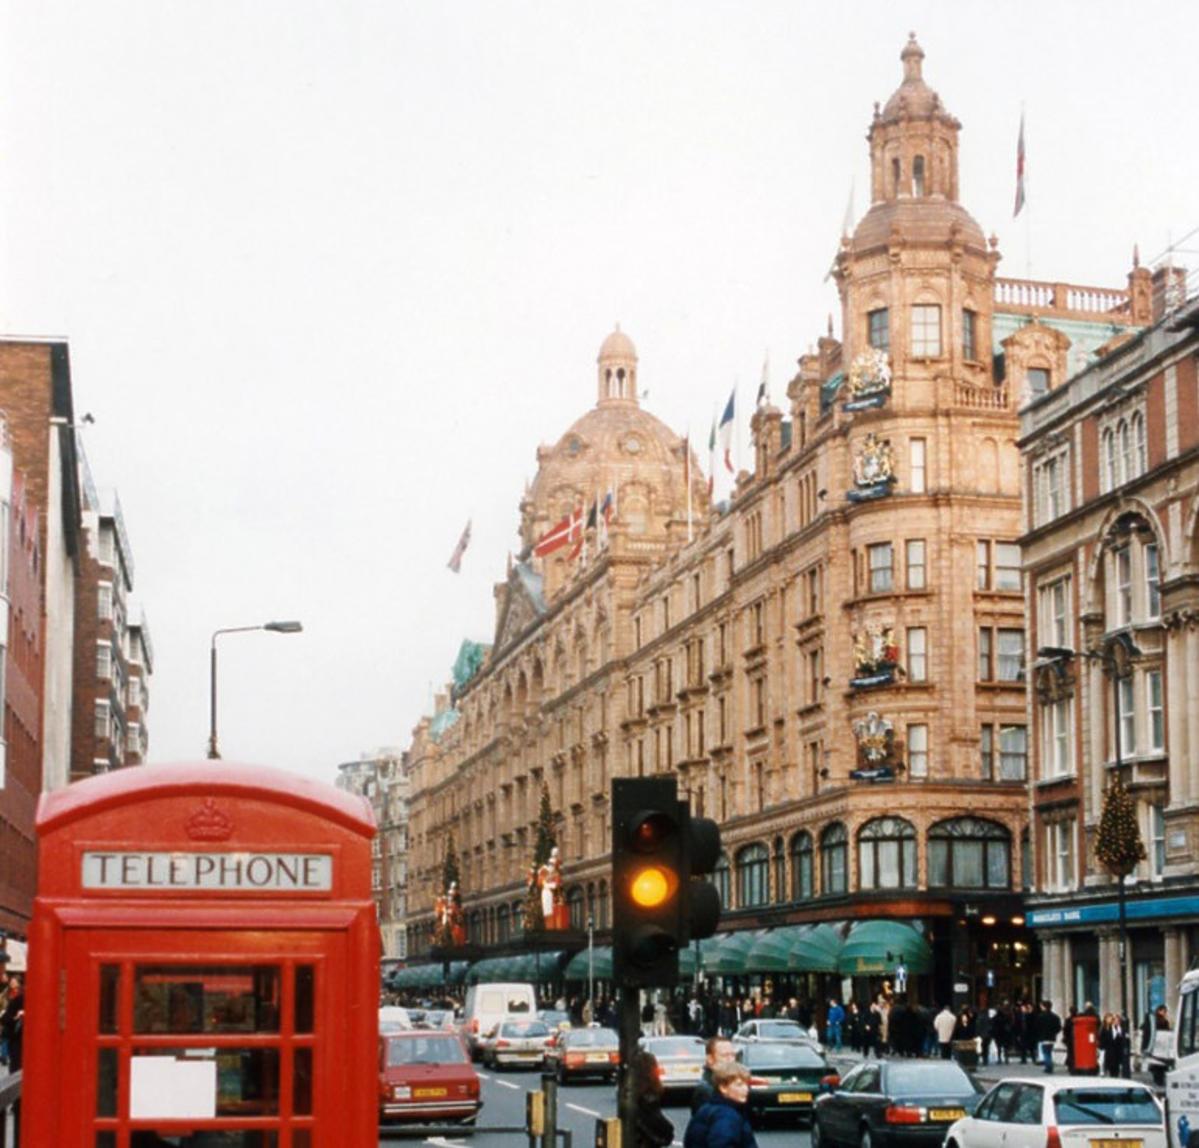 Brompton Road, dzielnica Knightsbridge, Londyn, Wielka Brytania, ok. 1997. Po prawej widoczny luksusowy dom towarowy